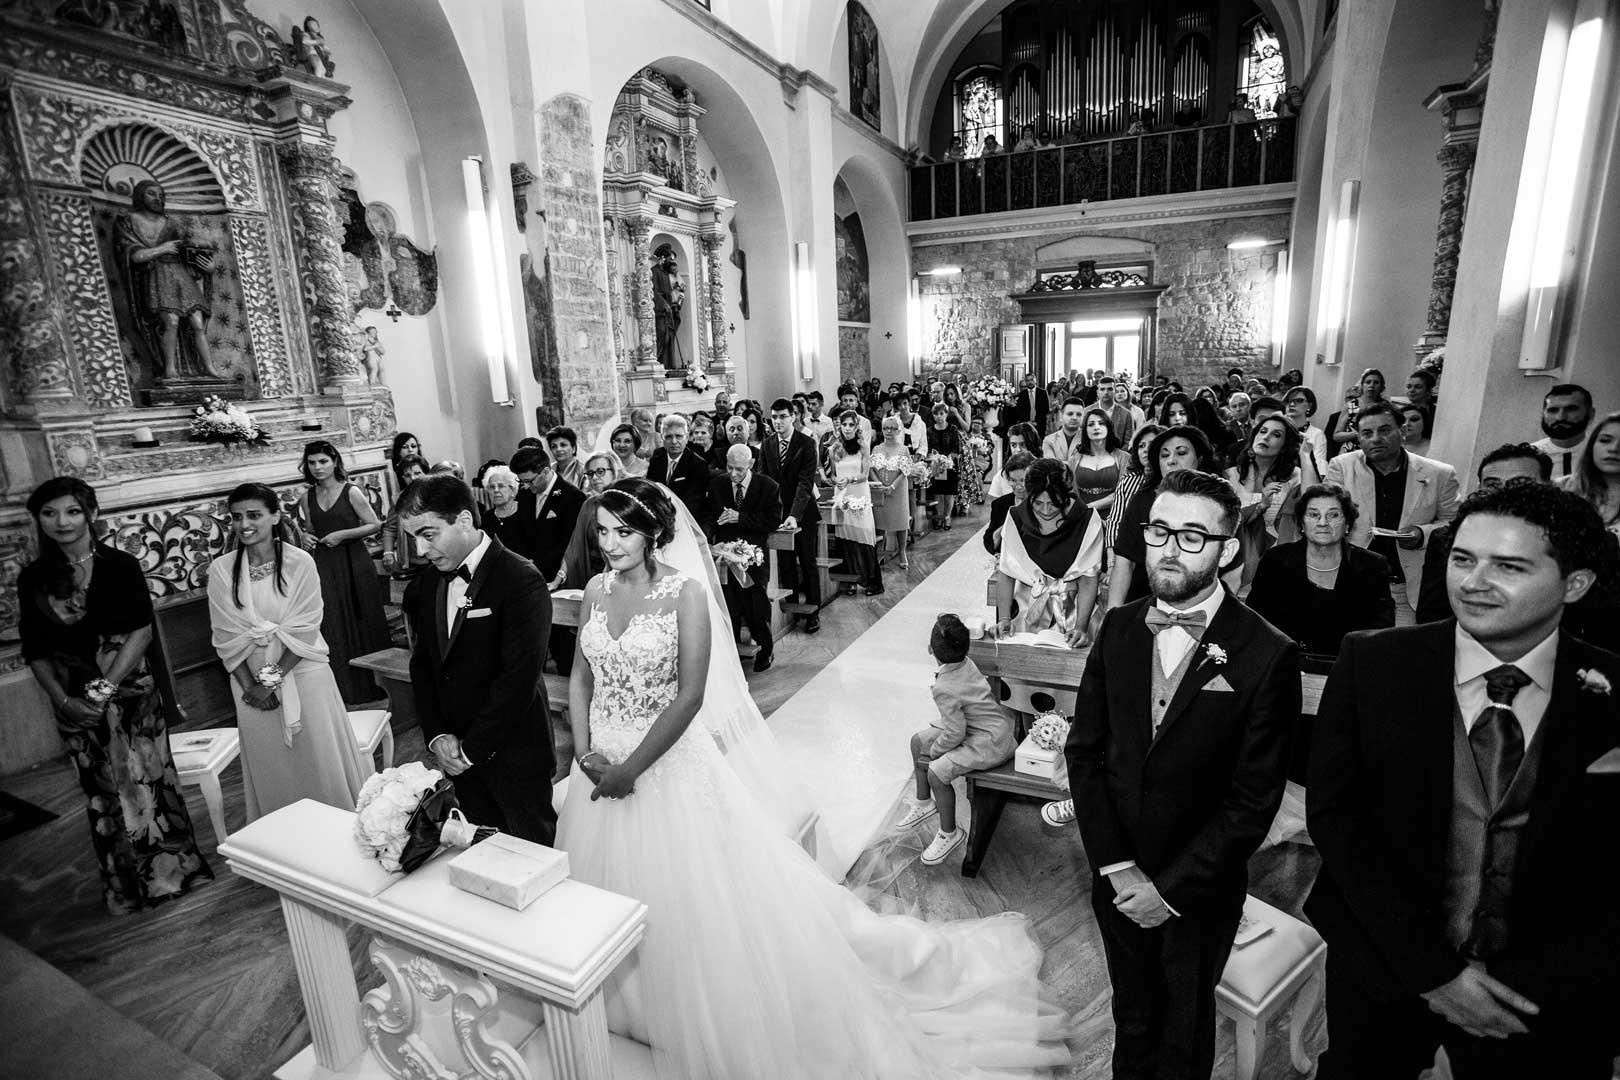 018-convento-san-matteo-gianni-lepore-wedding